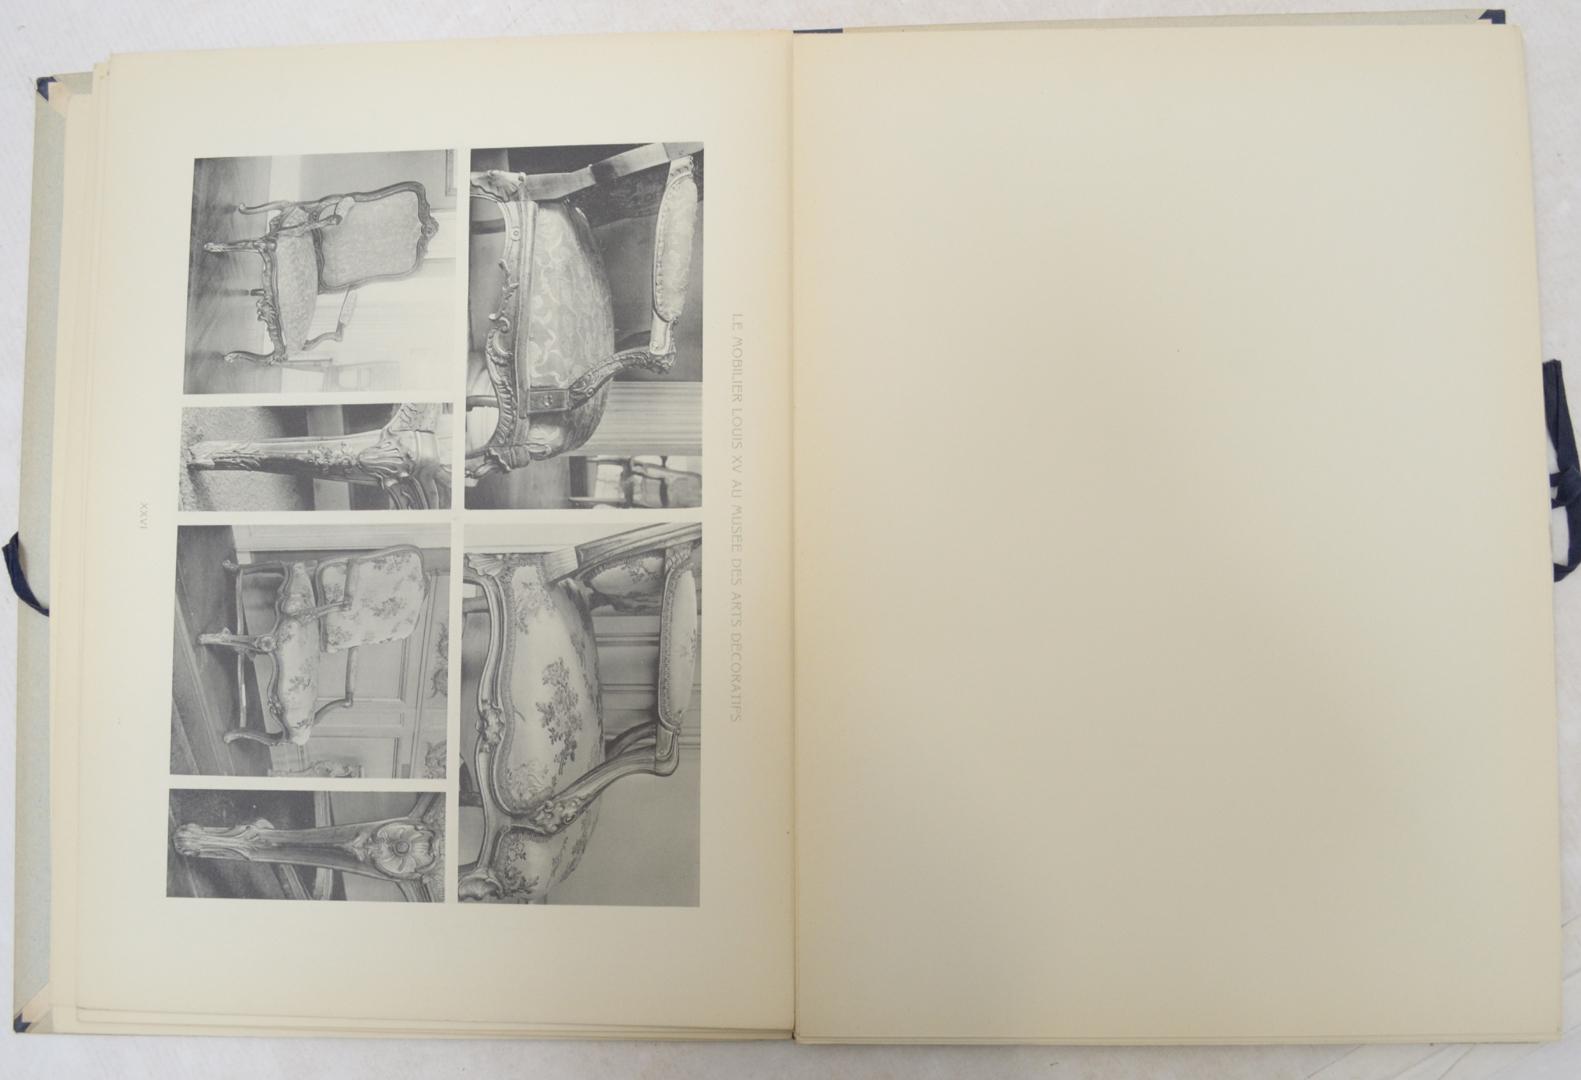 Images For 814443 Hessling Egon Louis Xv Mobel Des Musee Des Arts